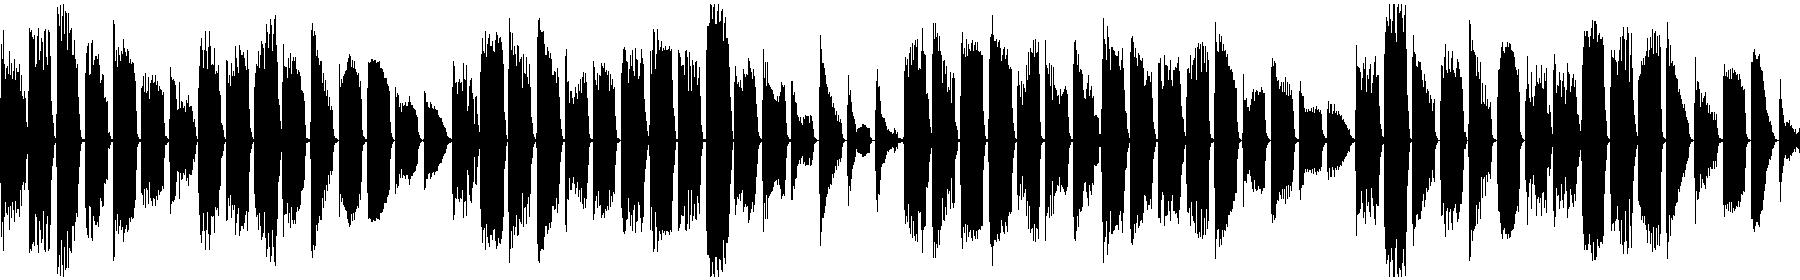 dgt2 03 lp 128 arp c